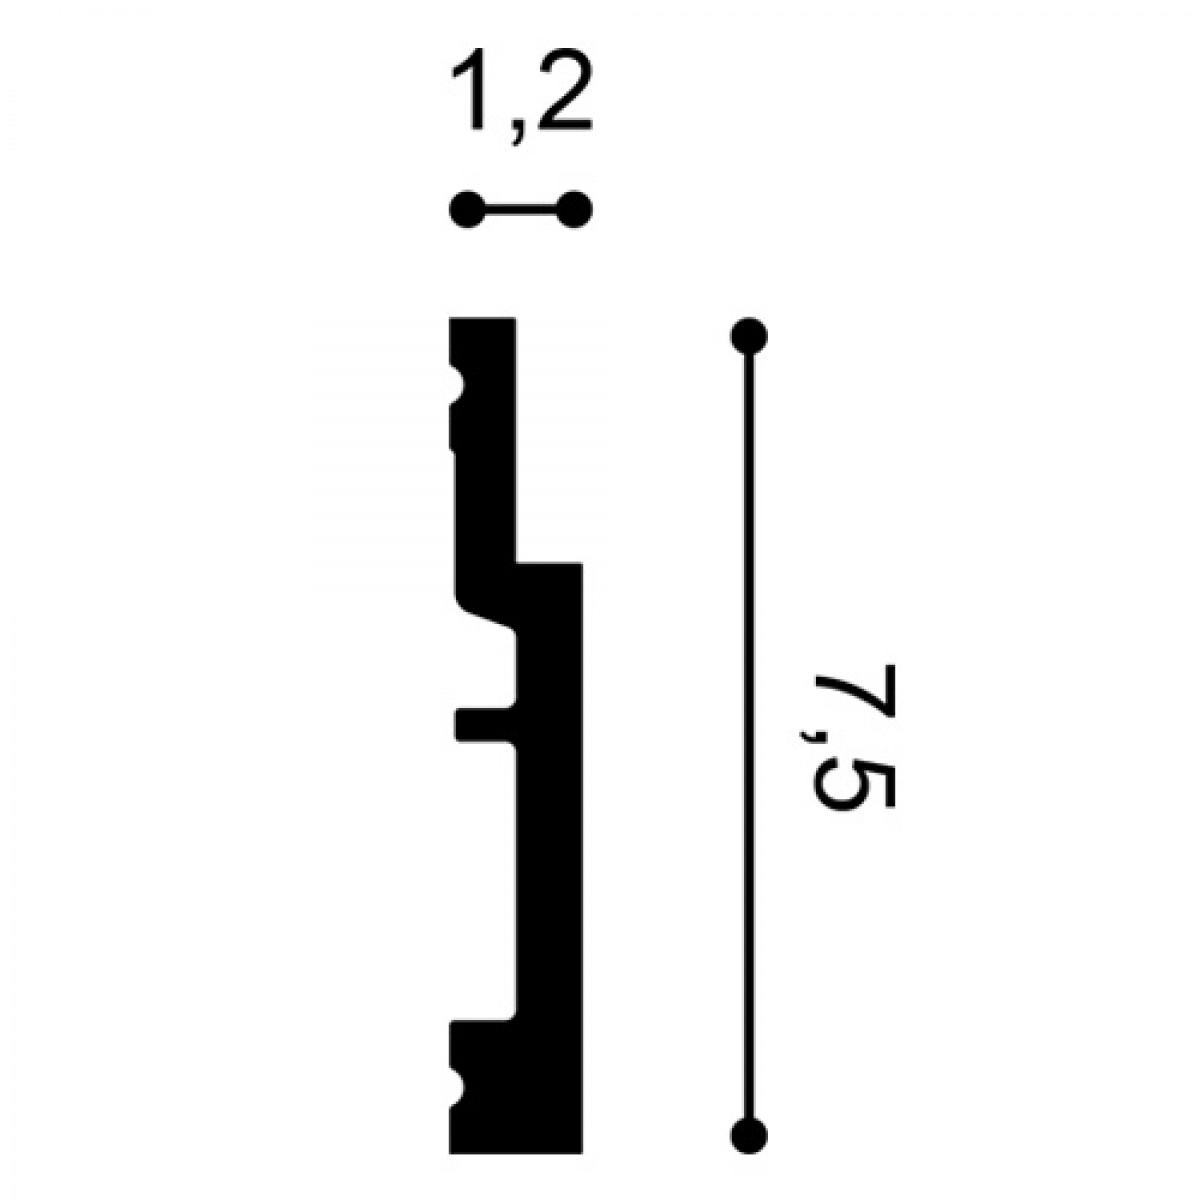 Plinta Modern SX187, Dimensiuni: 200 X 1.2 X 7.5 cm, Orac Decor